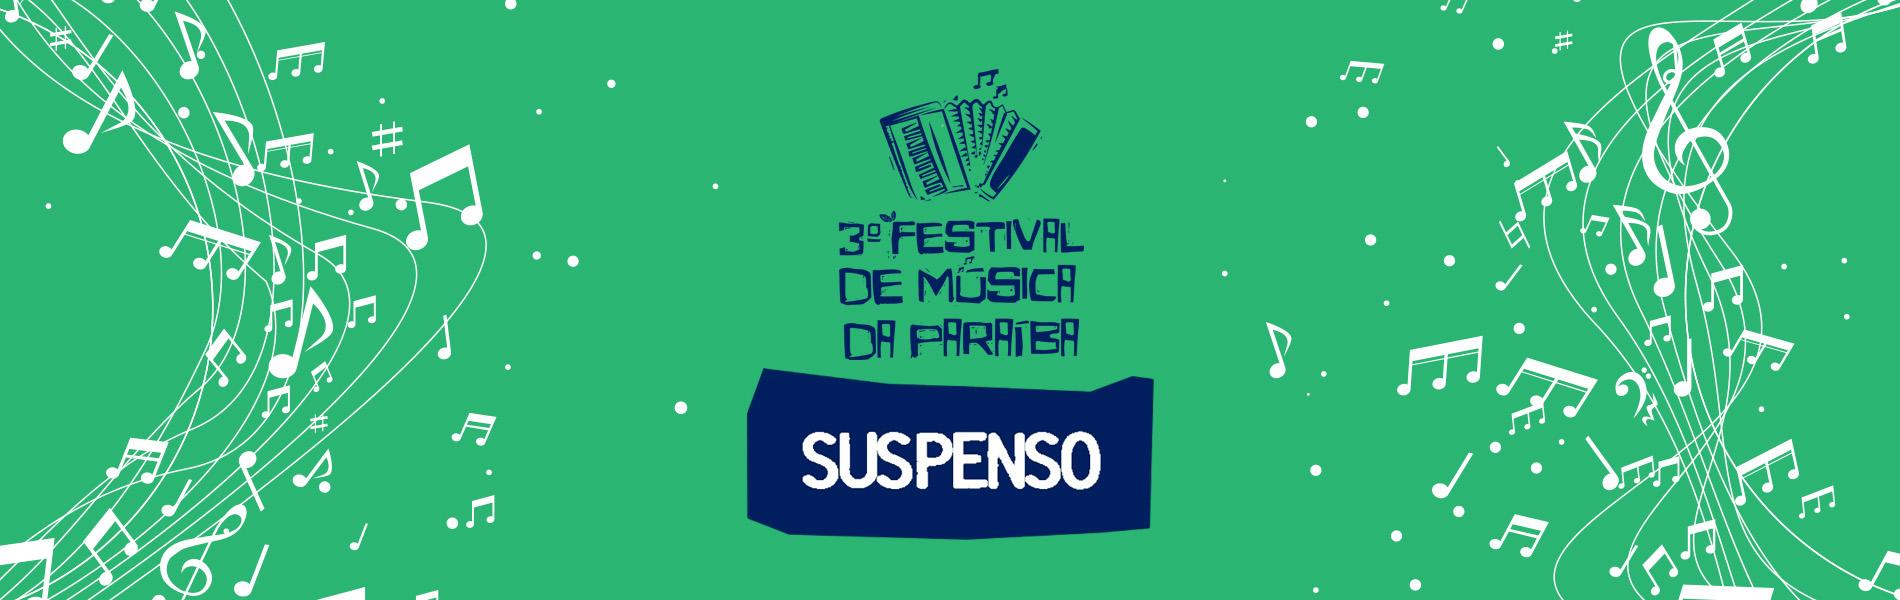 Festival de Música PB - suspenso